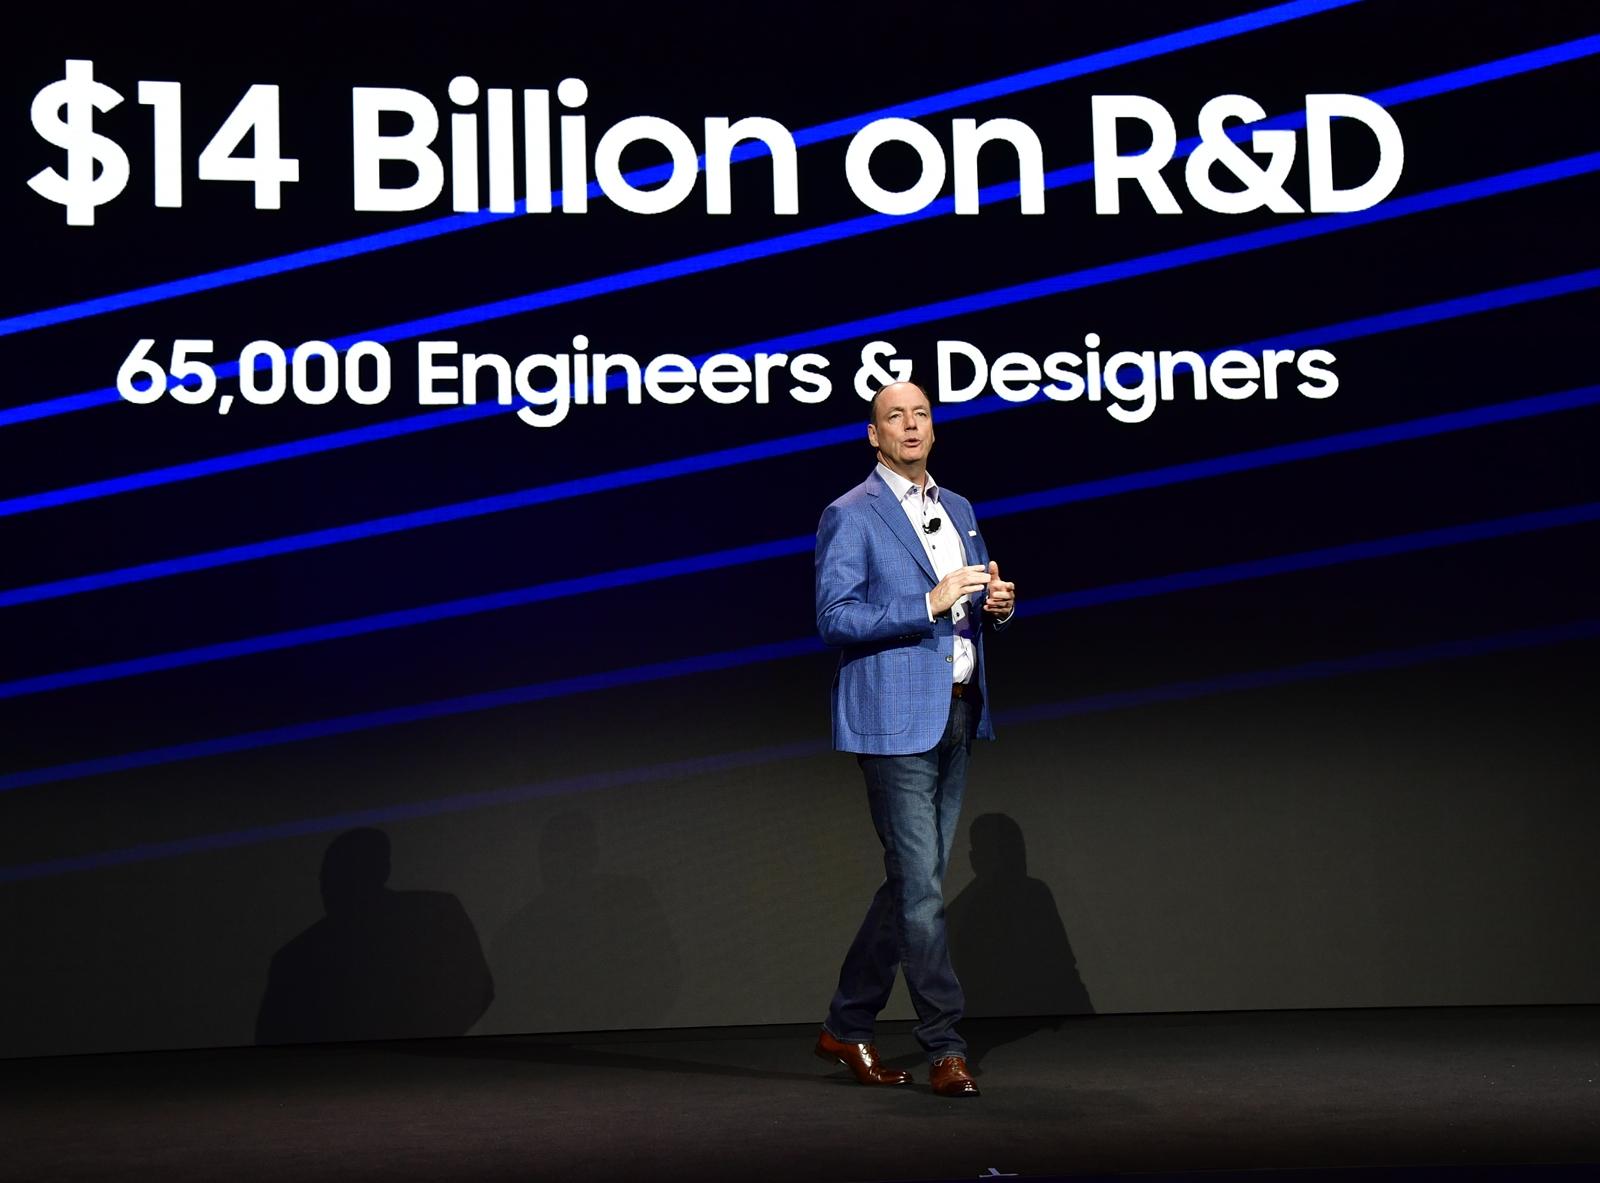 """一年140亿美元""""砸""""出物联网,三星开创智能无界时代"""